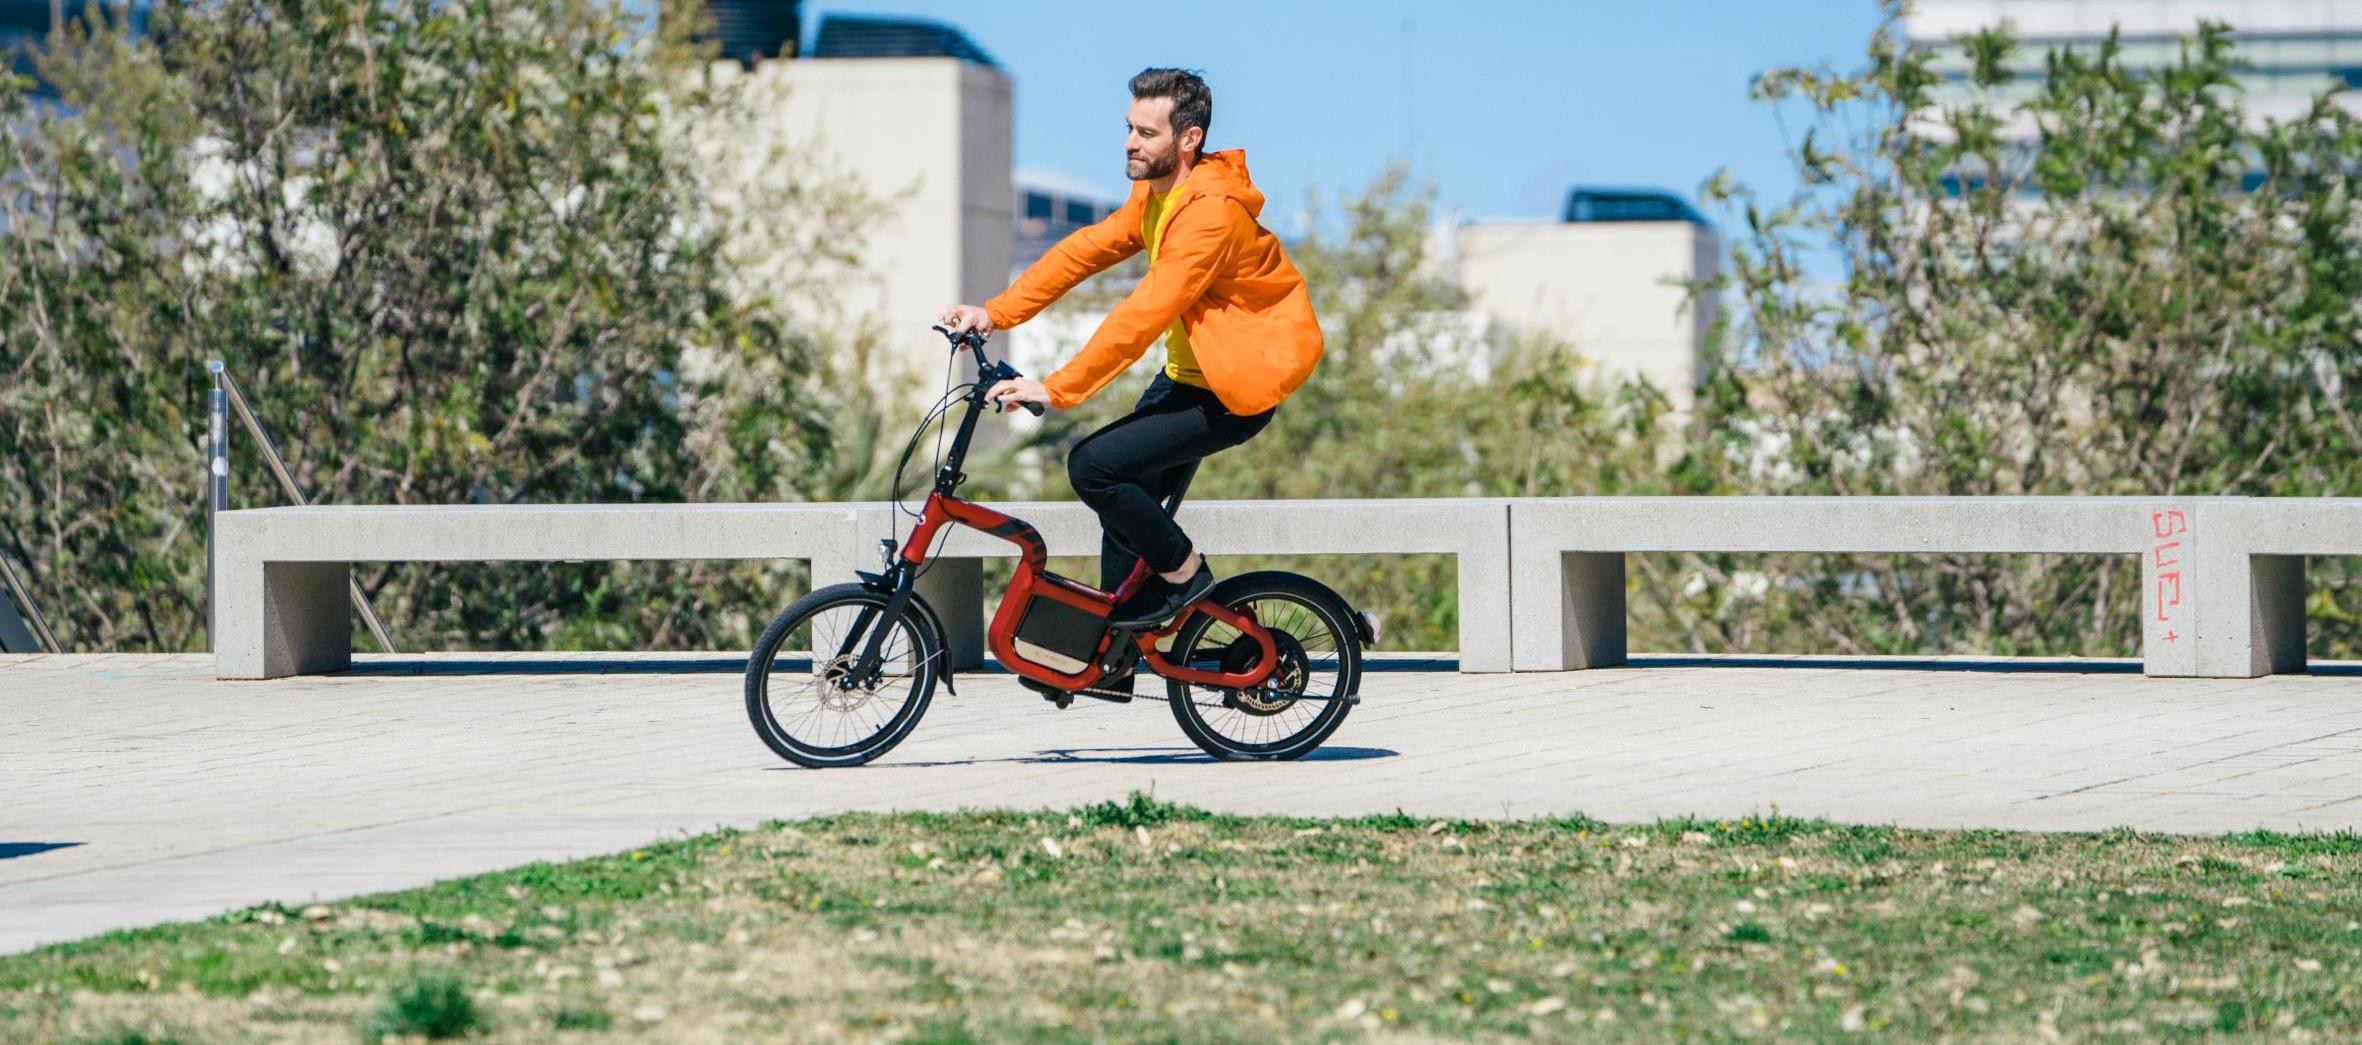 Kymco e-Bikes con descuentos muy interesantes